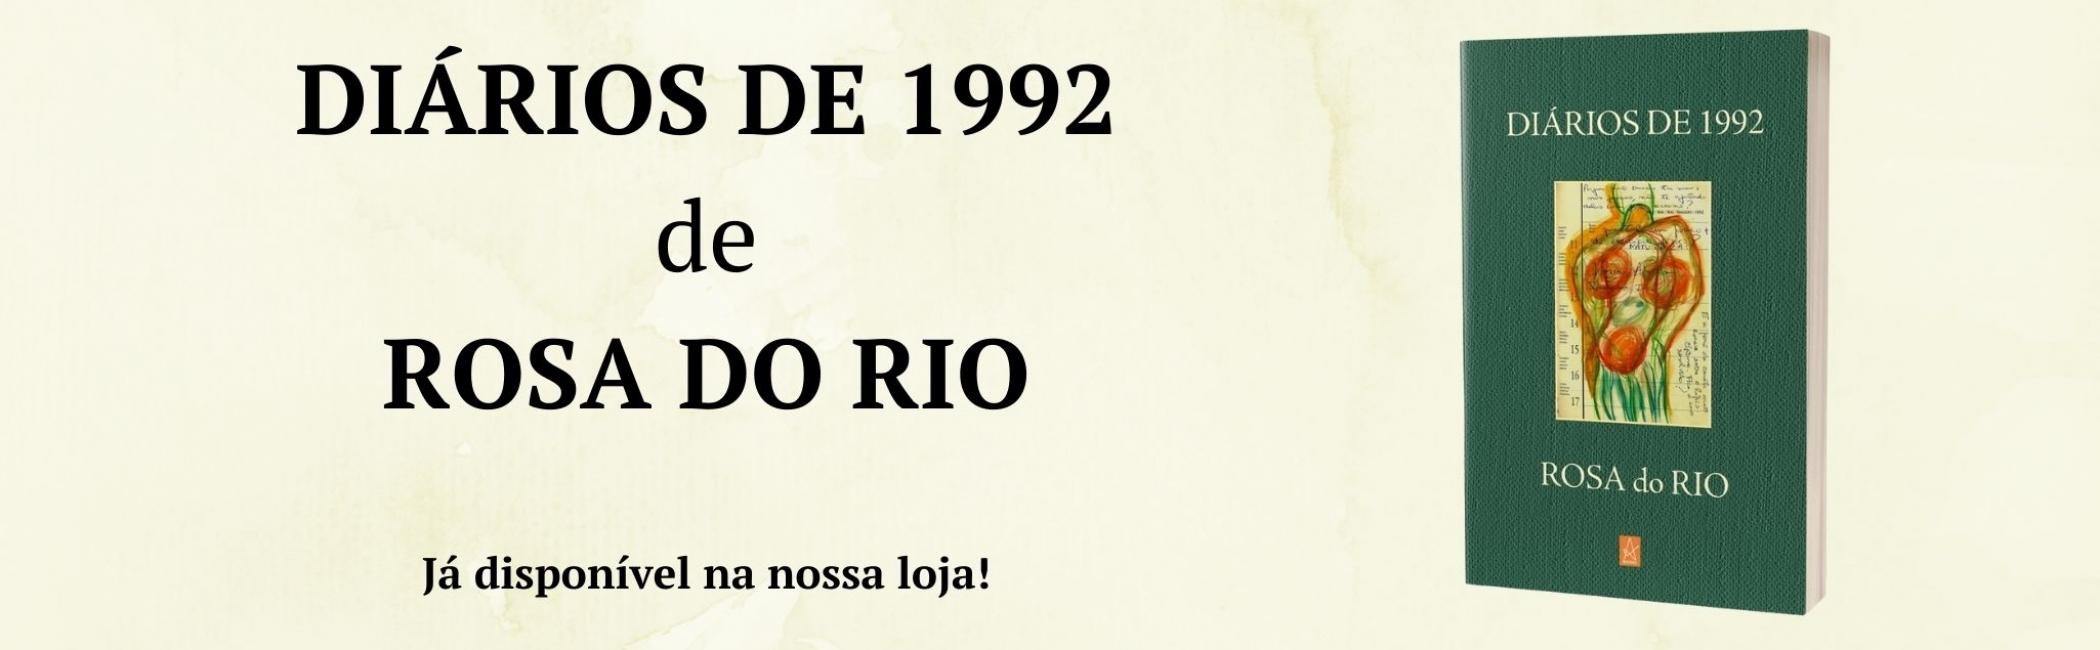 Diários de 1992